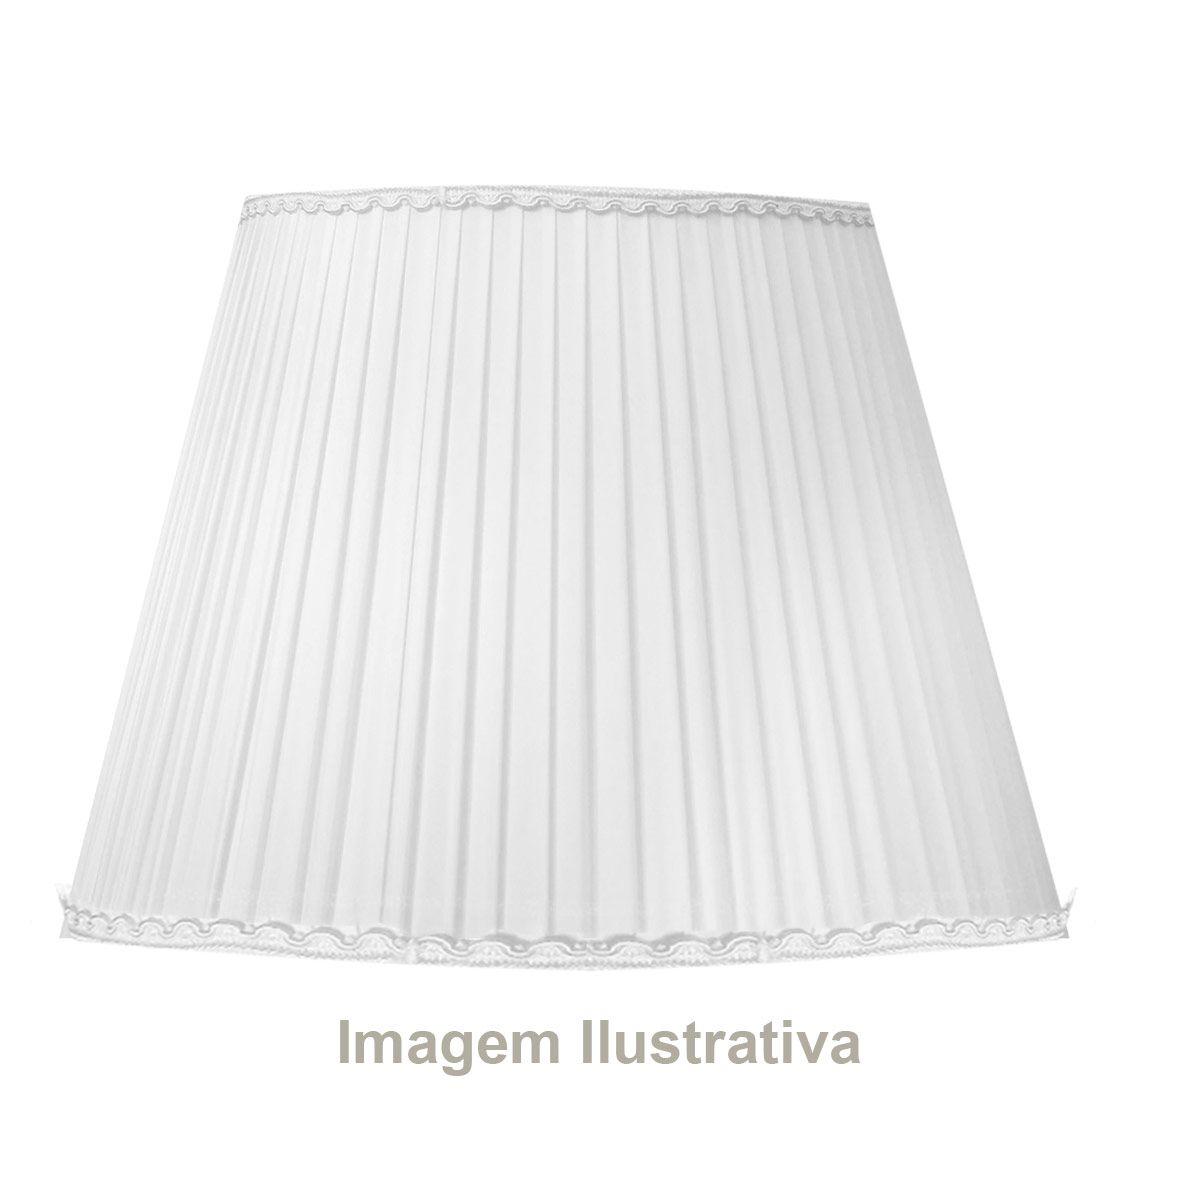 Abajur de Mesa em Cristal 511 47 cm com Cúpula Branca